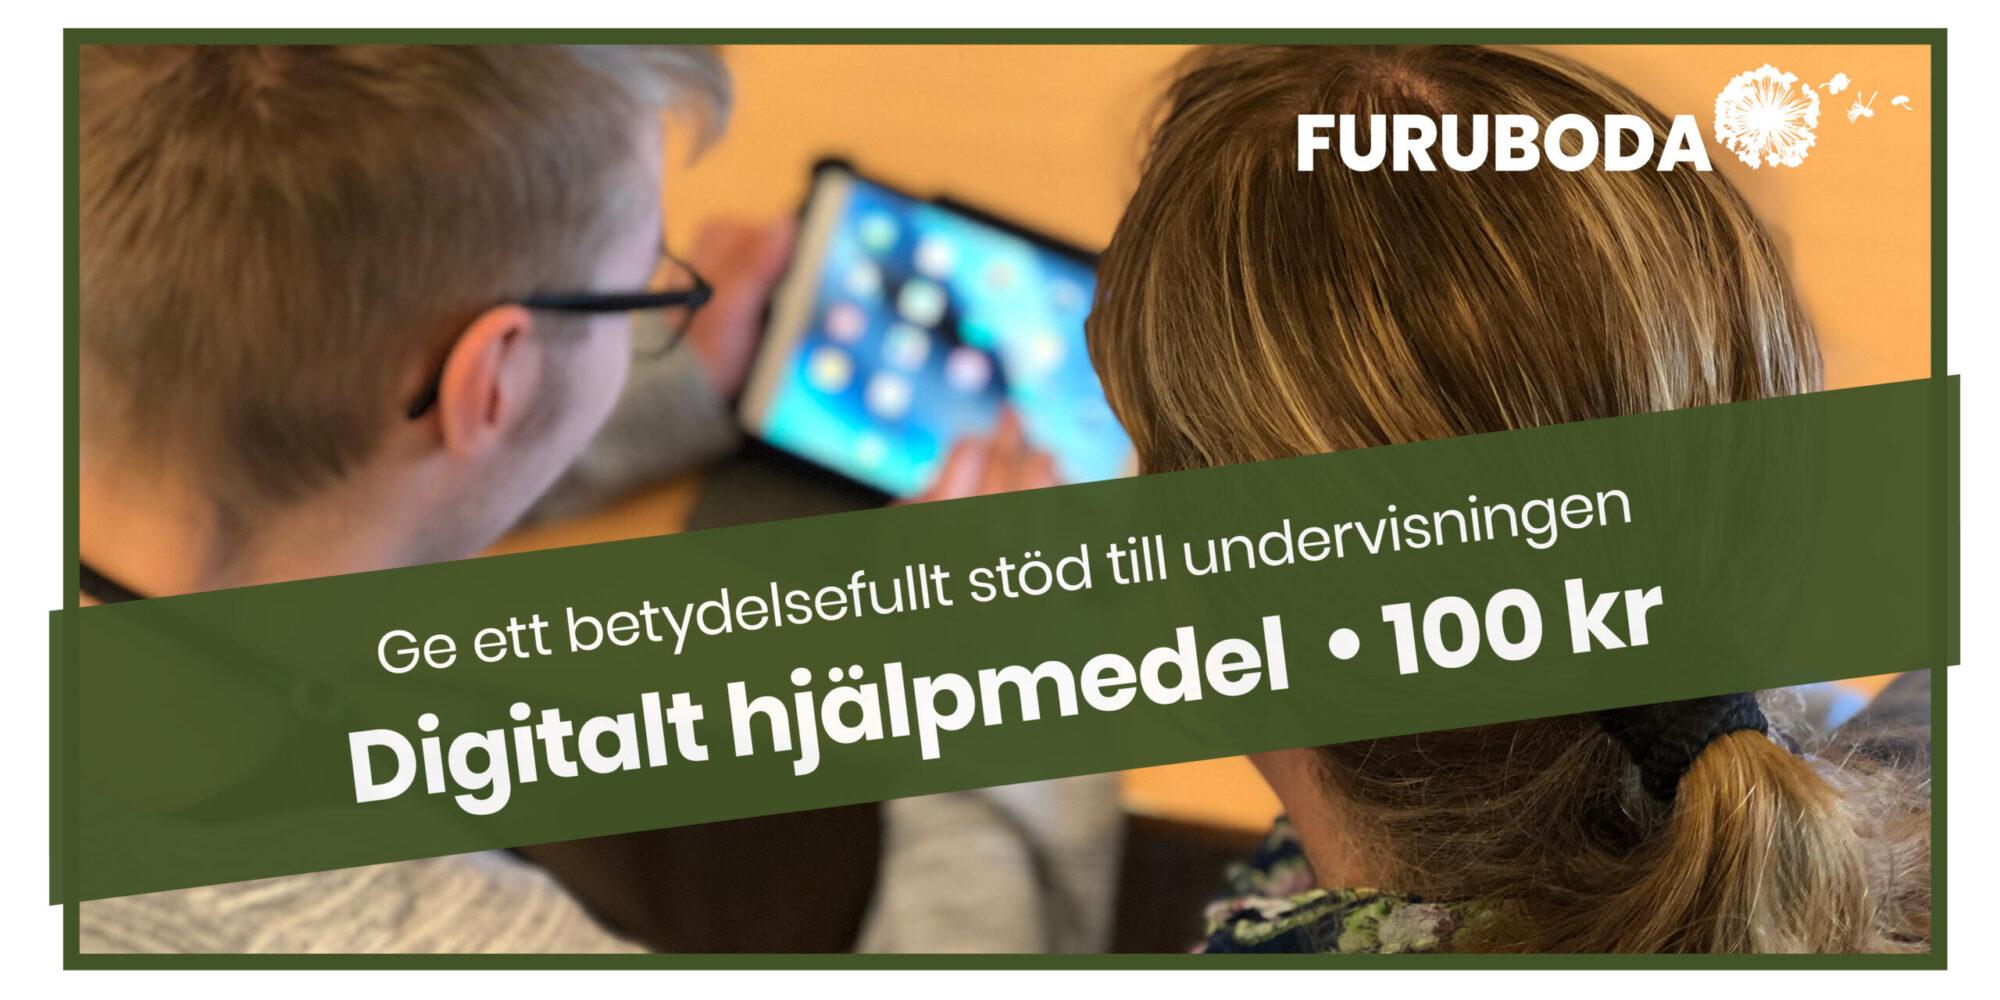 """Två personer arbetar med en läsplatta. På bilden ett grönt band med texten """"Ge ett betydelsefullt stöd till undervisningen. Digitalt hjälpmedel 100 kr"""""""